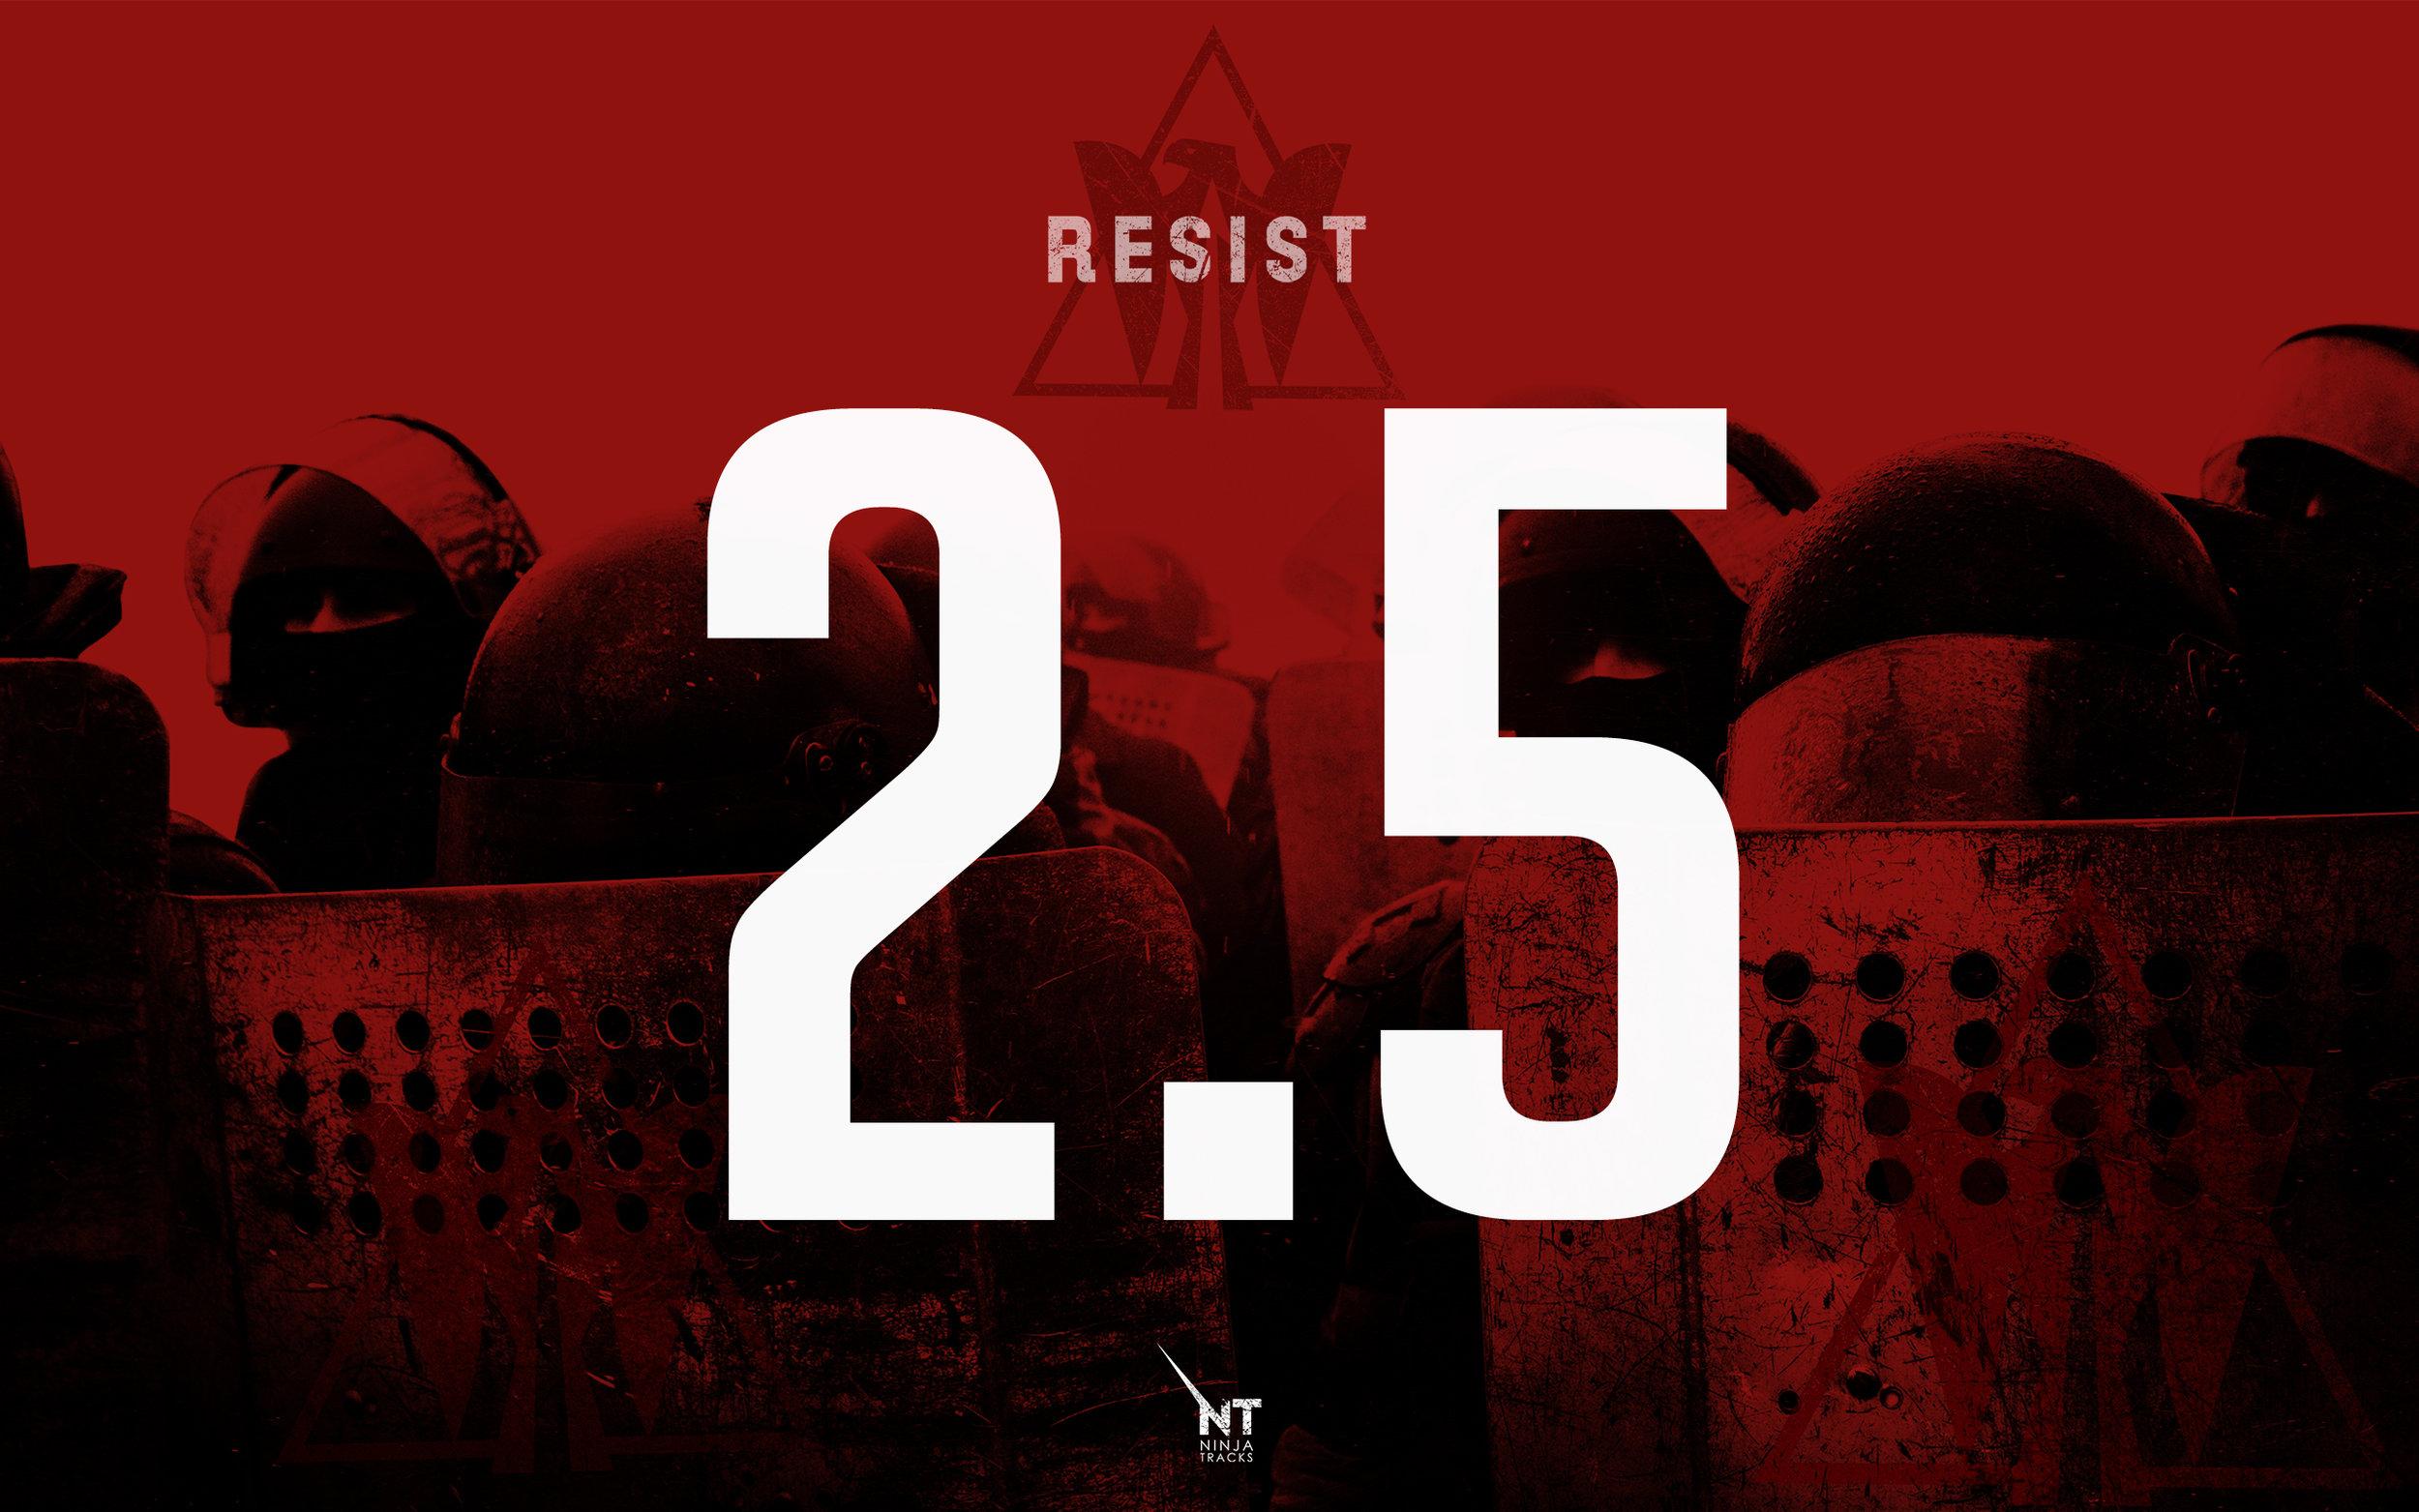 RESIST2-5 2560x1600.jpg